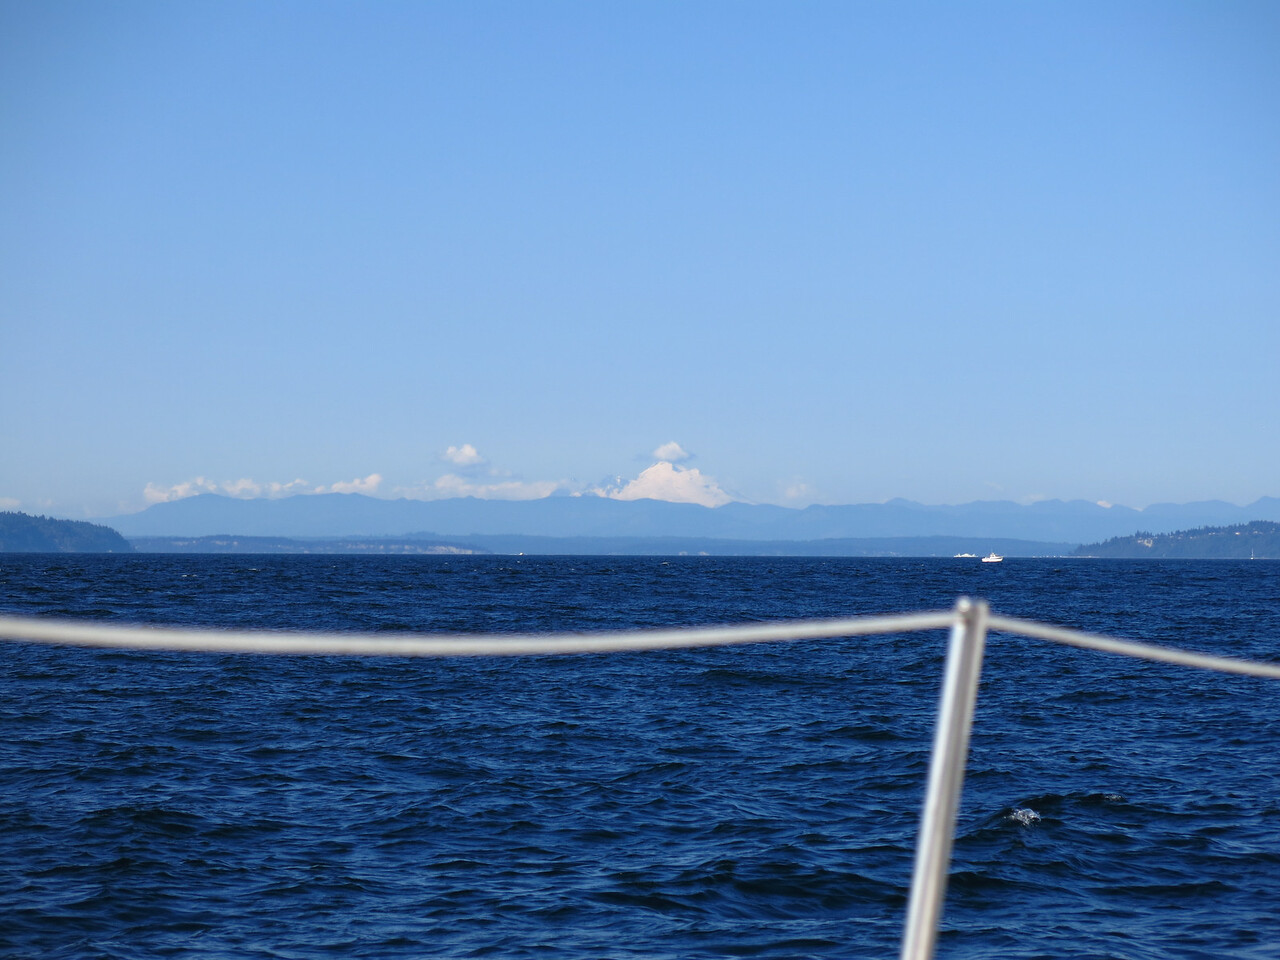 2014-07-26 Sail (20)